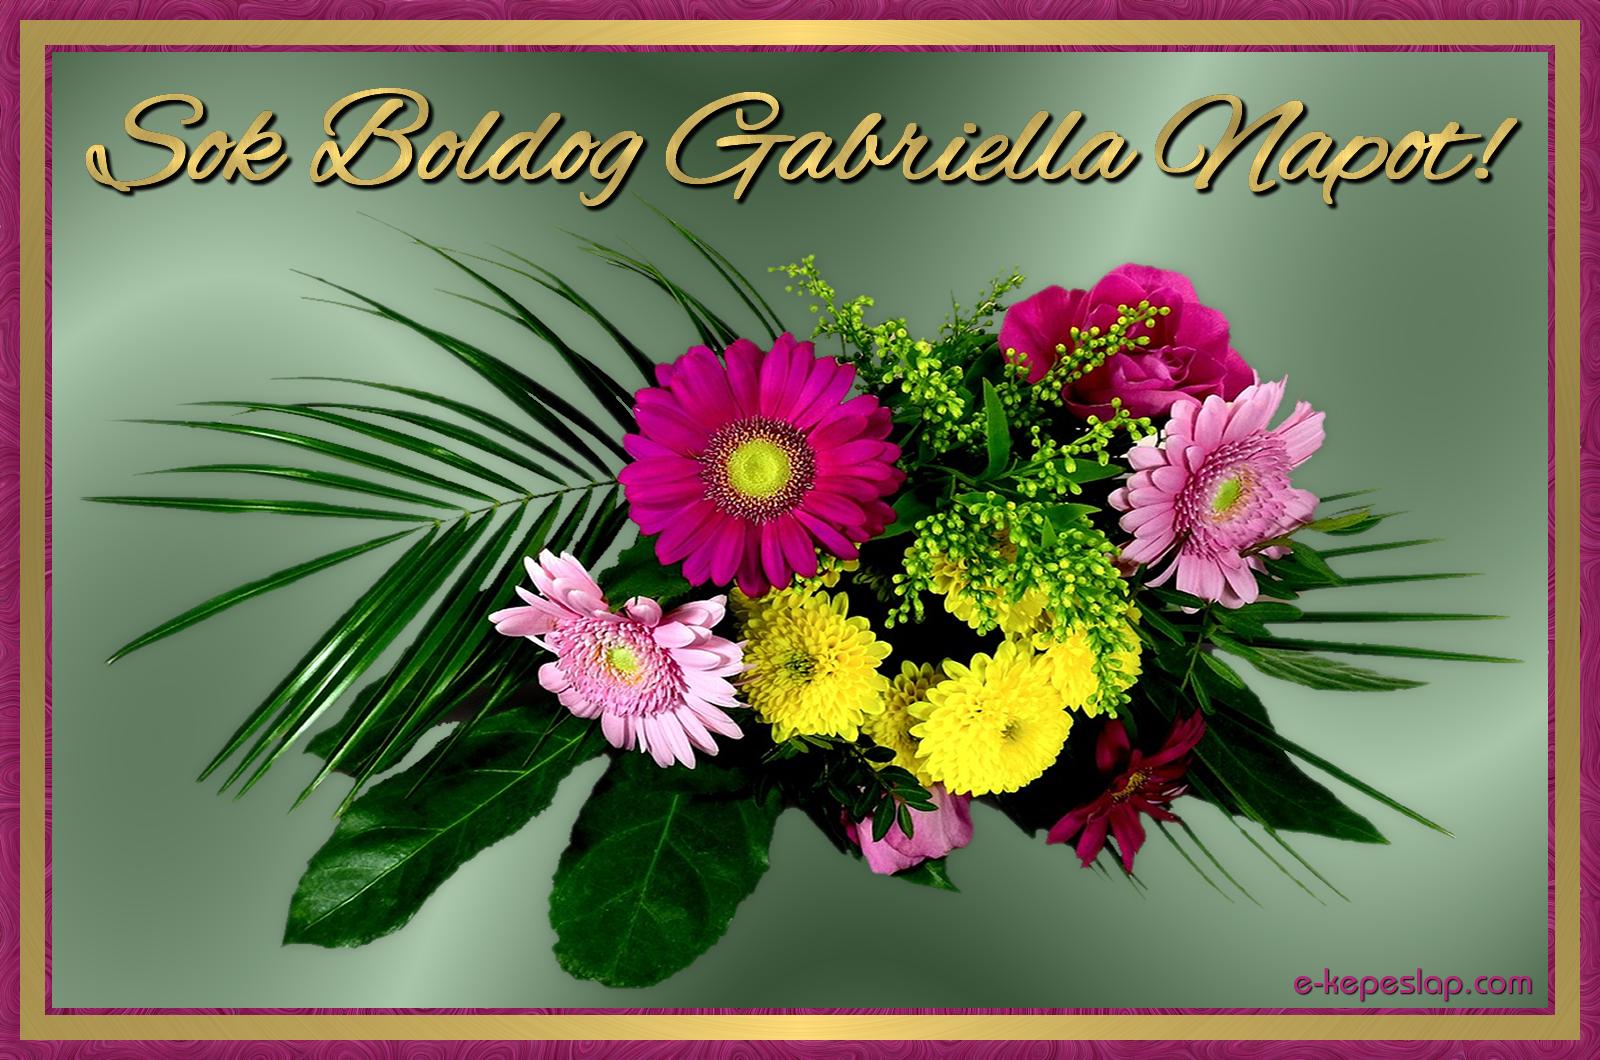 gabriella névnapi képek Gabriella névnapi képeslap   Képeslapküldés   e kepeslap.com gabriella névnapi képek